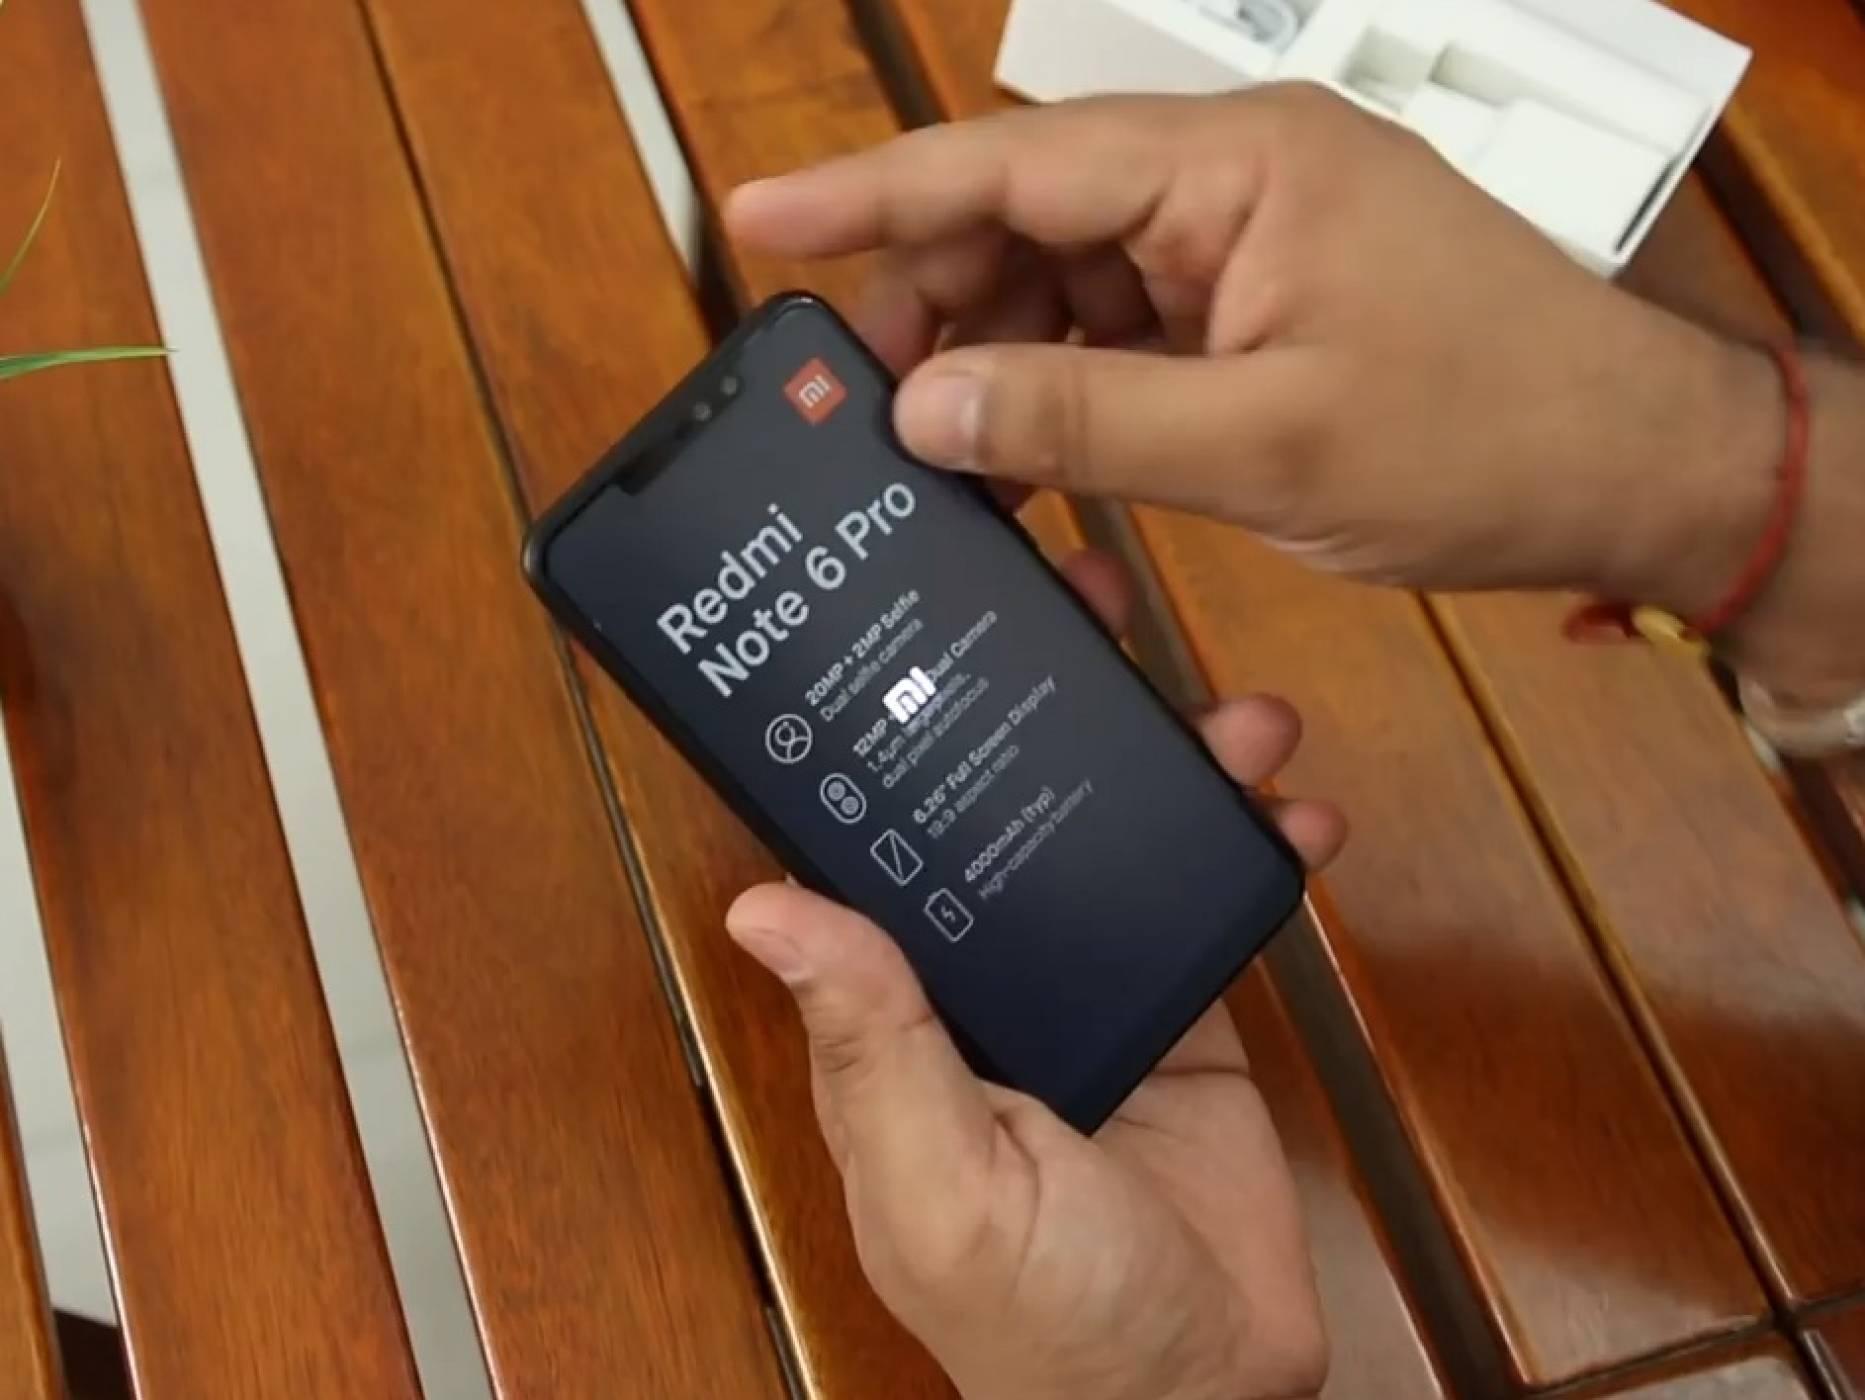 Xiaomi Redmi Note 6 Pro - повече прорез и камери, по-малко памет за същите пари?